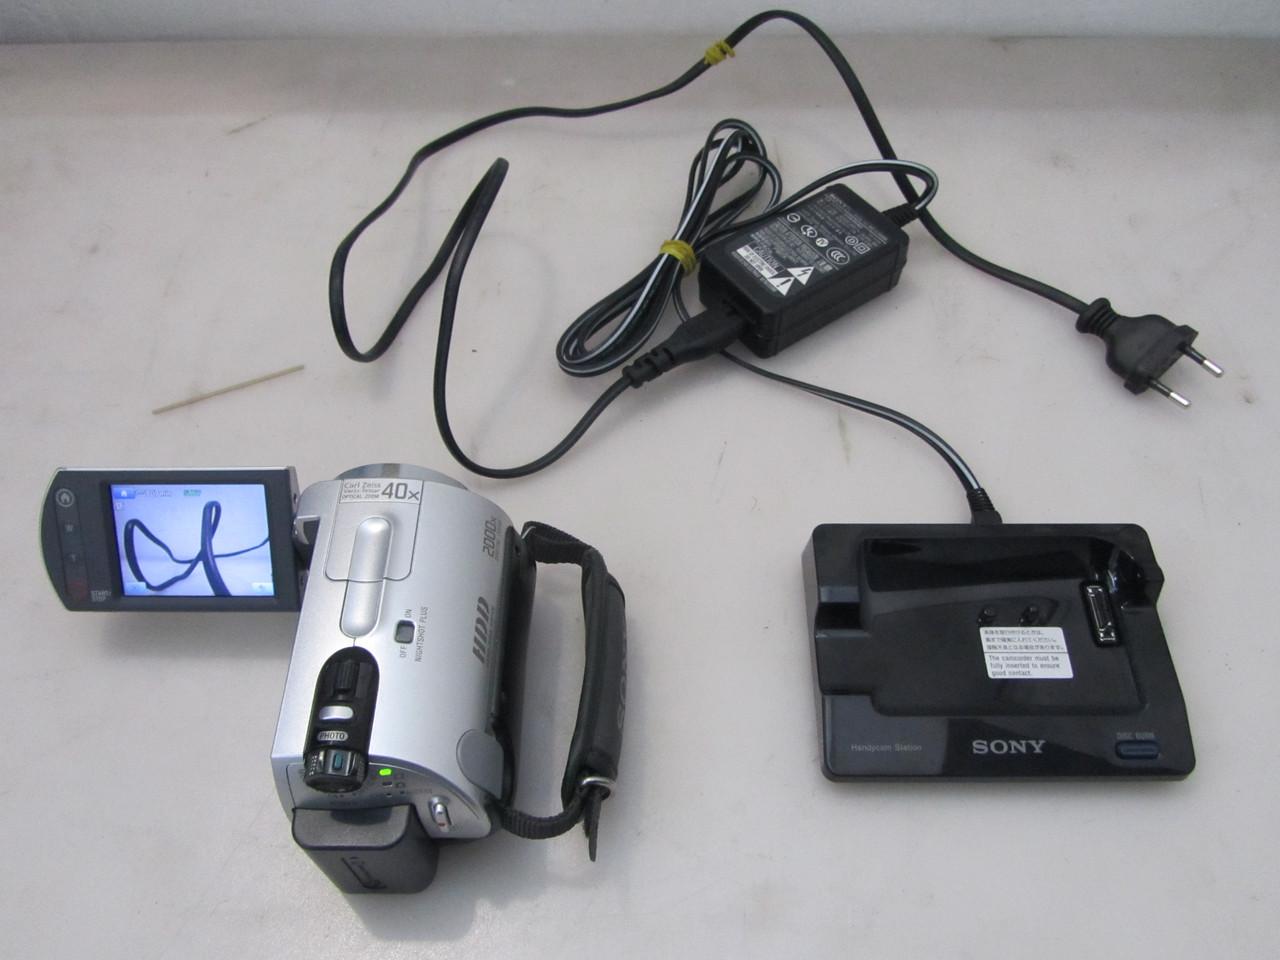 Видеокамера Sony DCR-SR42 с жестким диском, отличный зум